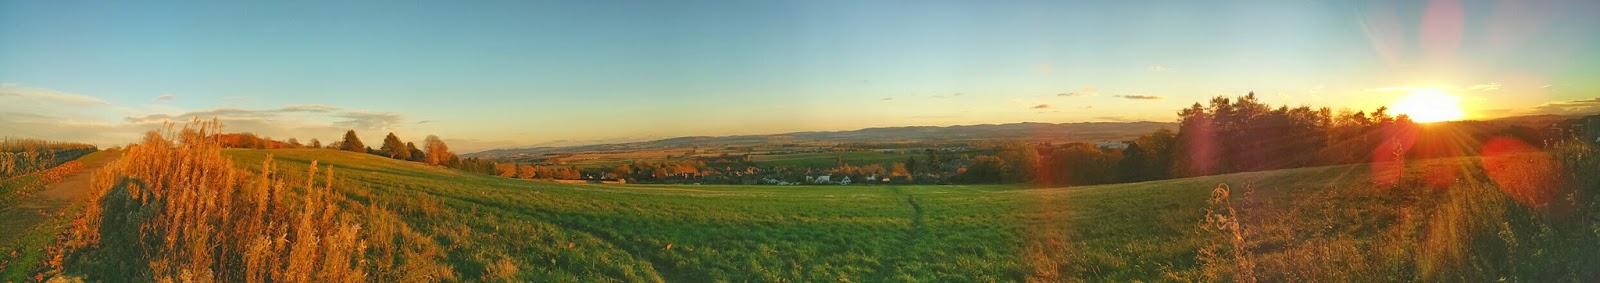 Kirriemuir panorama by Duncan Stephen